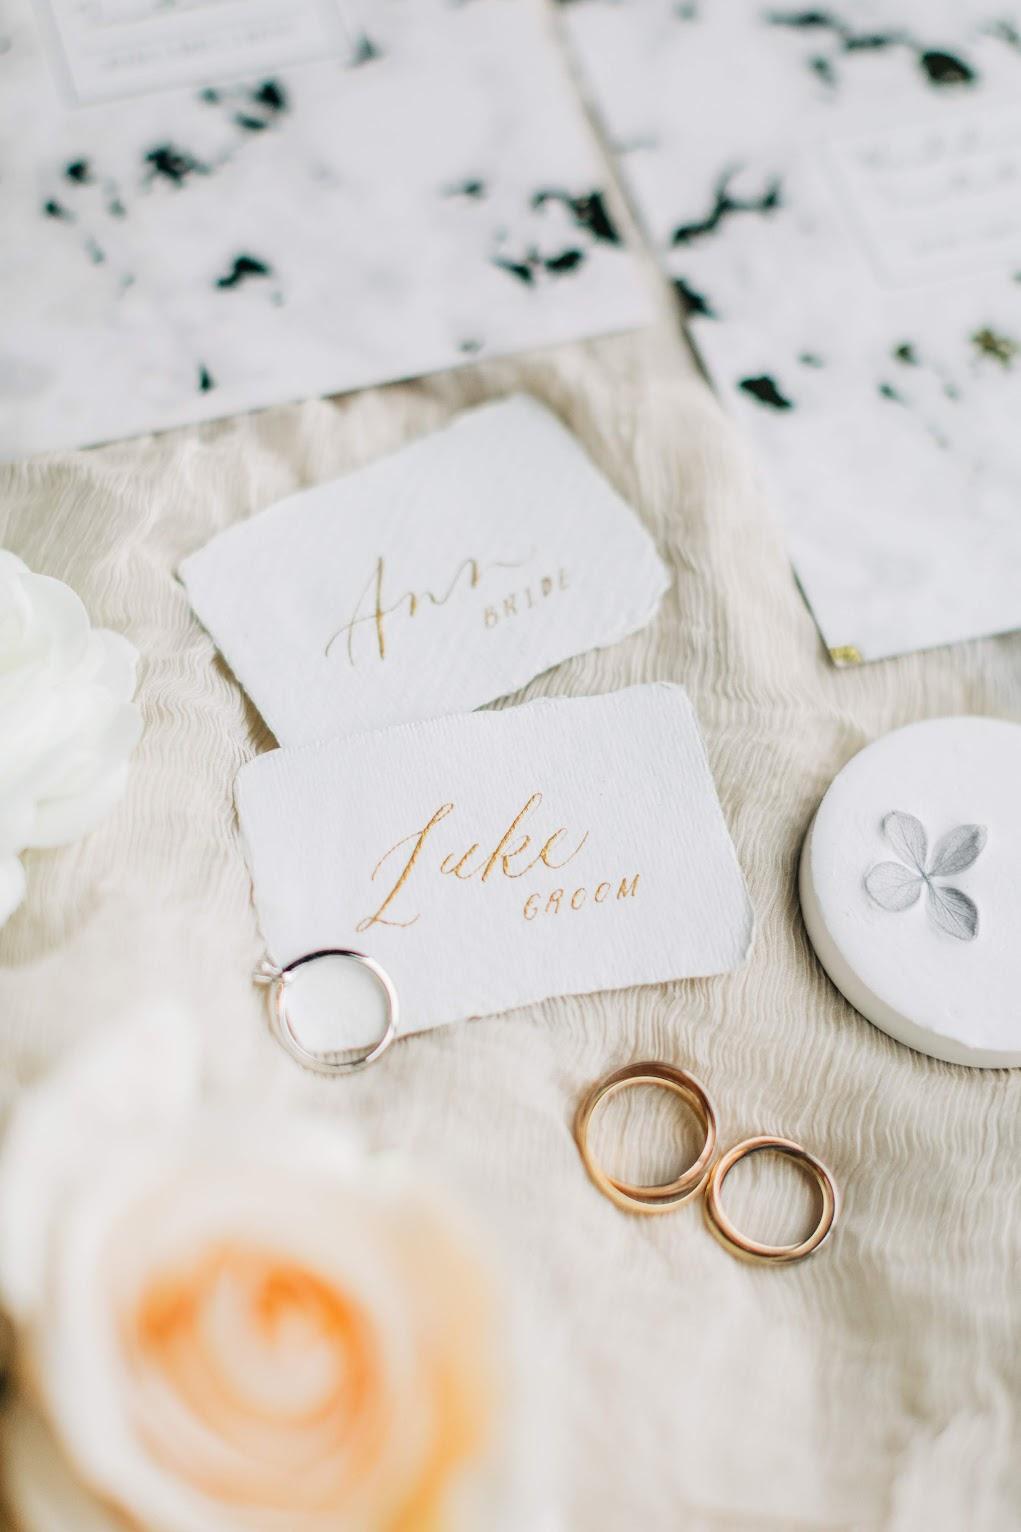 萊特薇庭 御典閣,美式婚禮紀錄,教堂證婚,台中 美式婚禮,AG婚攝,Amazing Grace攝影